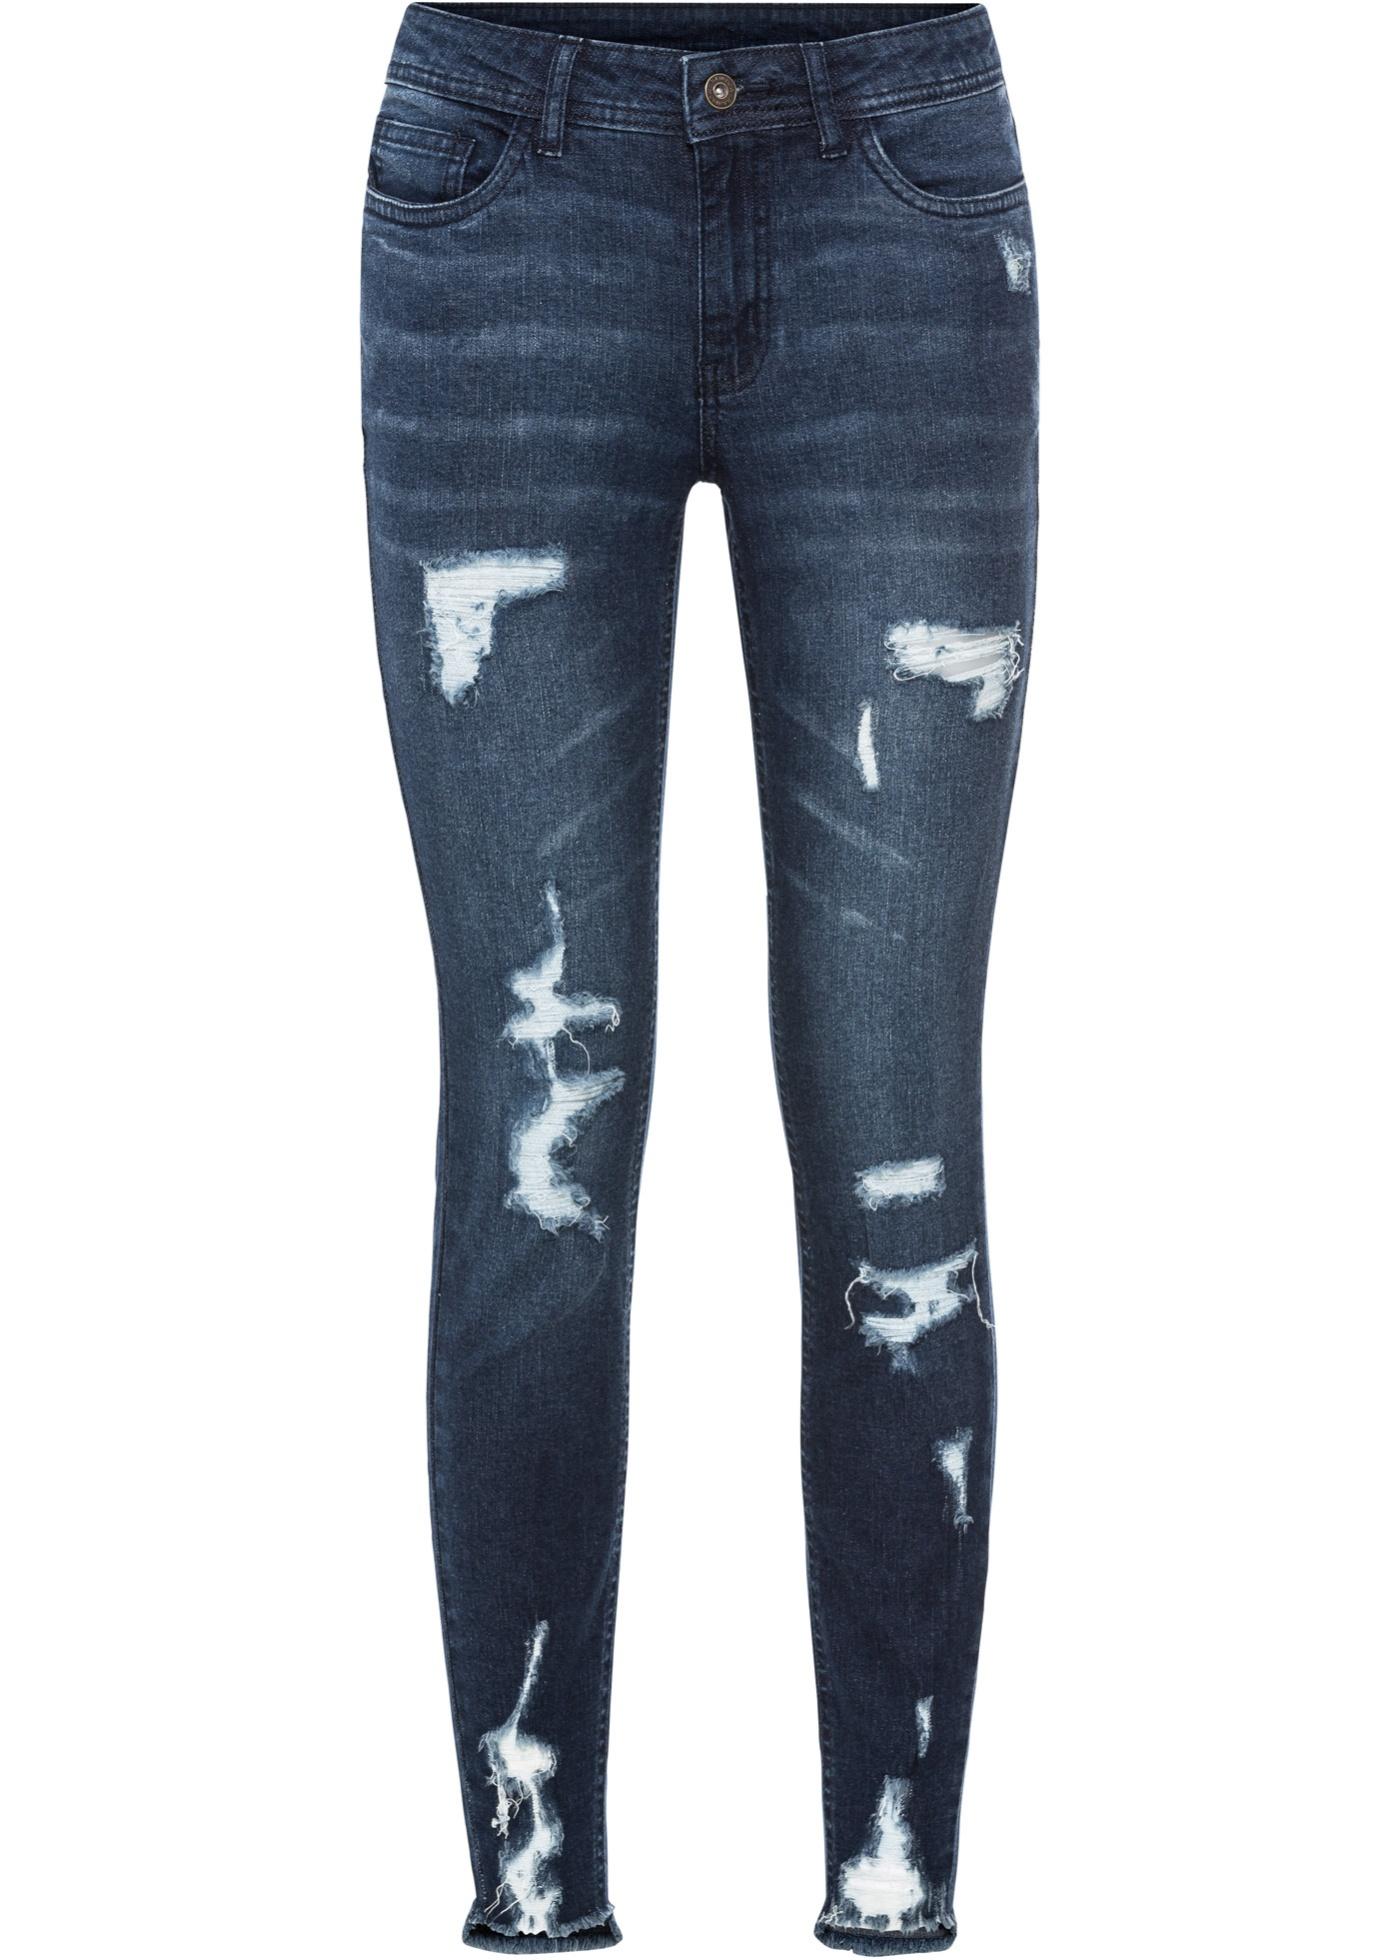 Jean super skinny destroyed